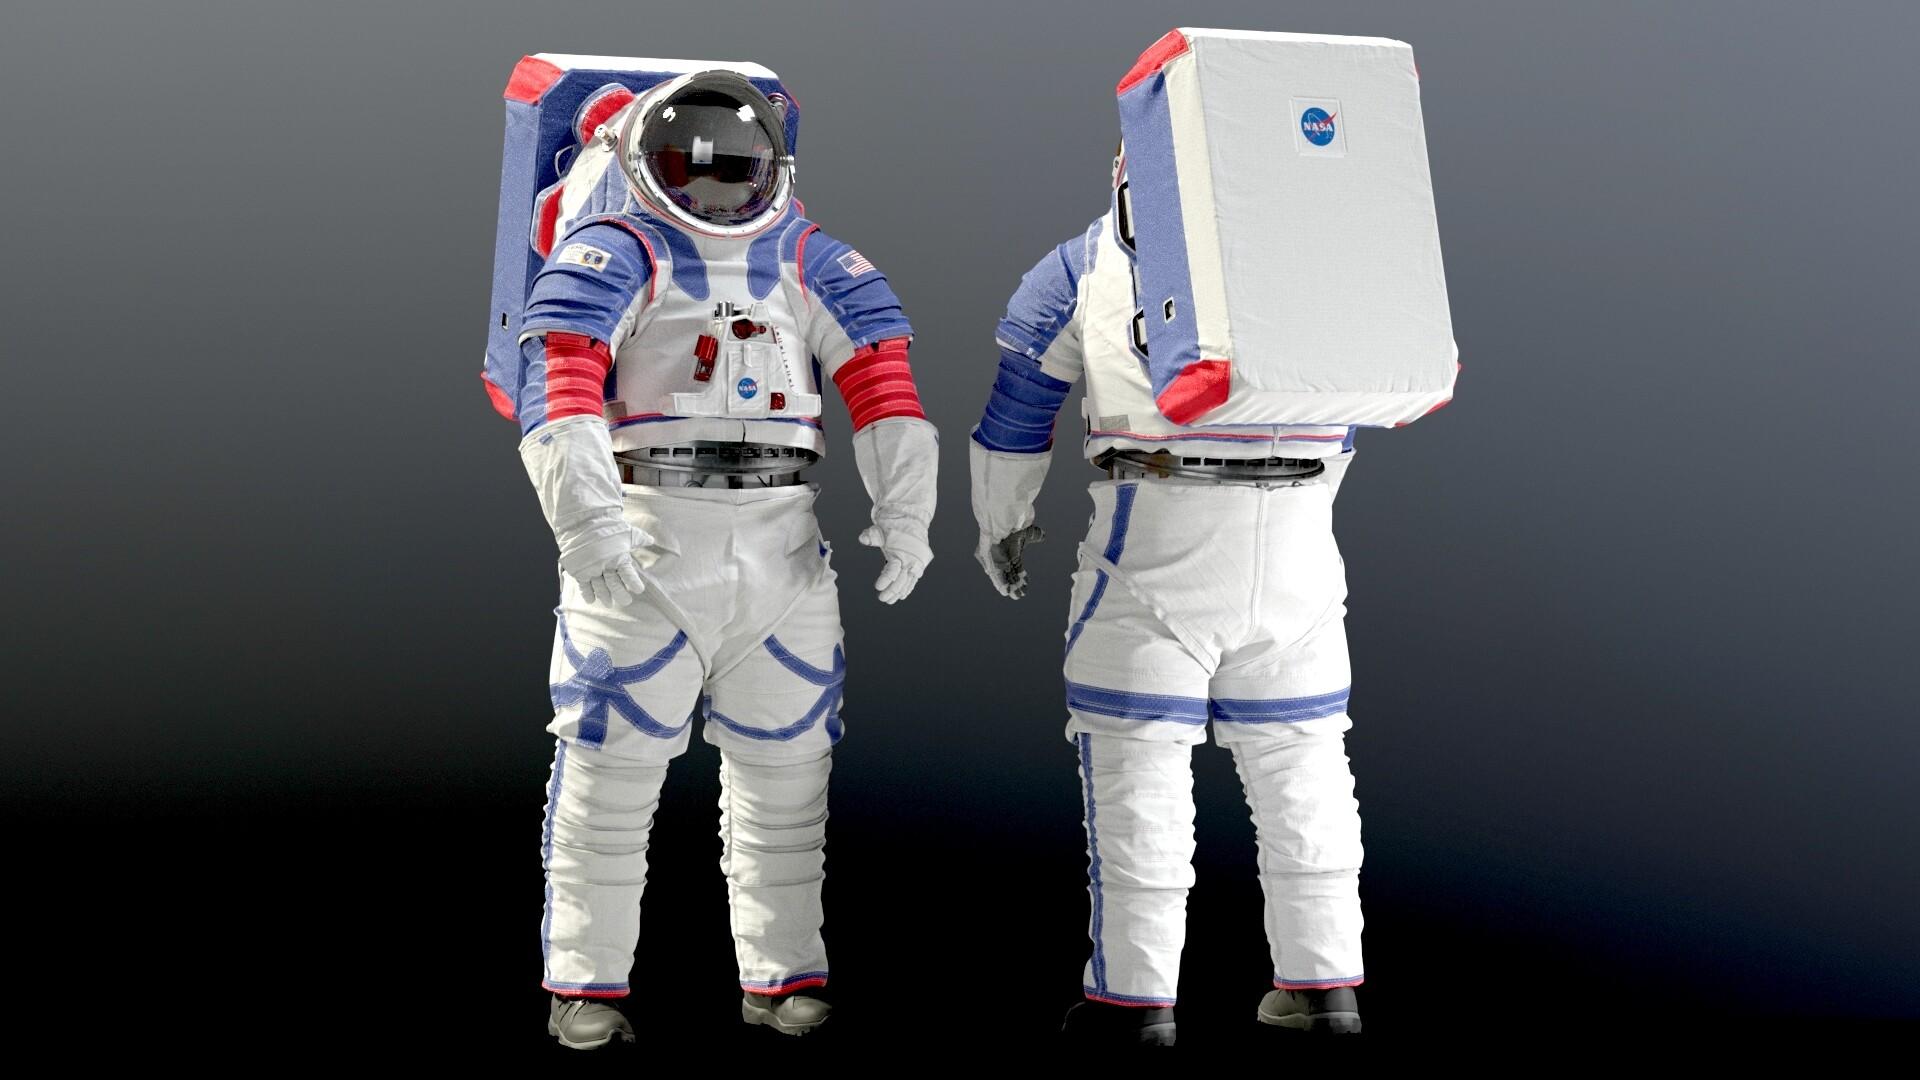 xEMU, sistema portátil de suporte à vida, foi desenvolvido com ajuda de inteligência artificial.